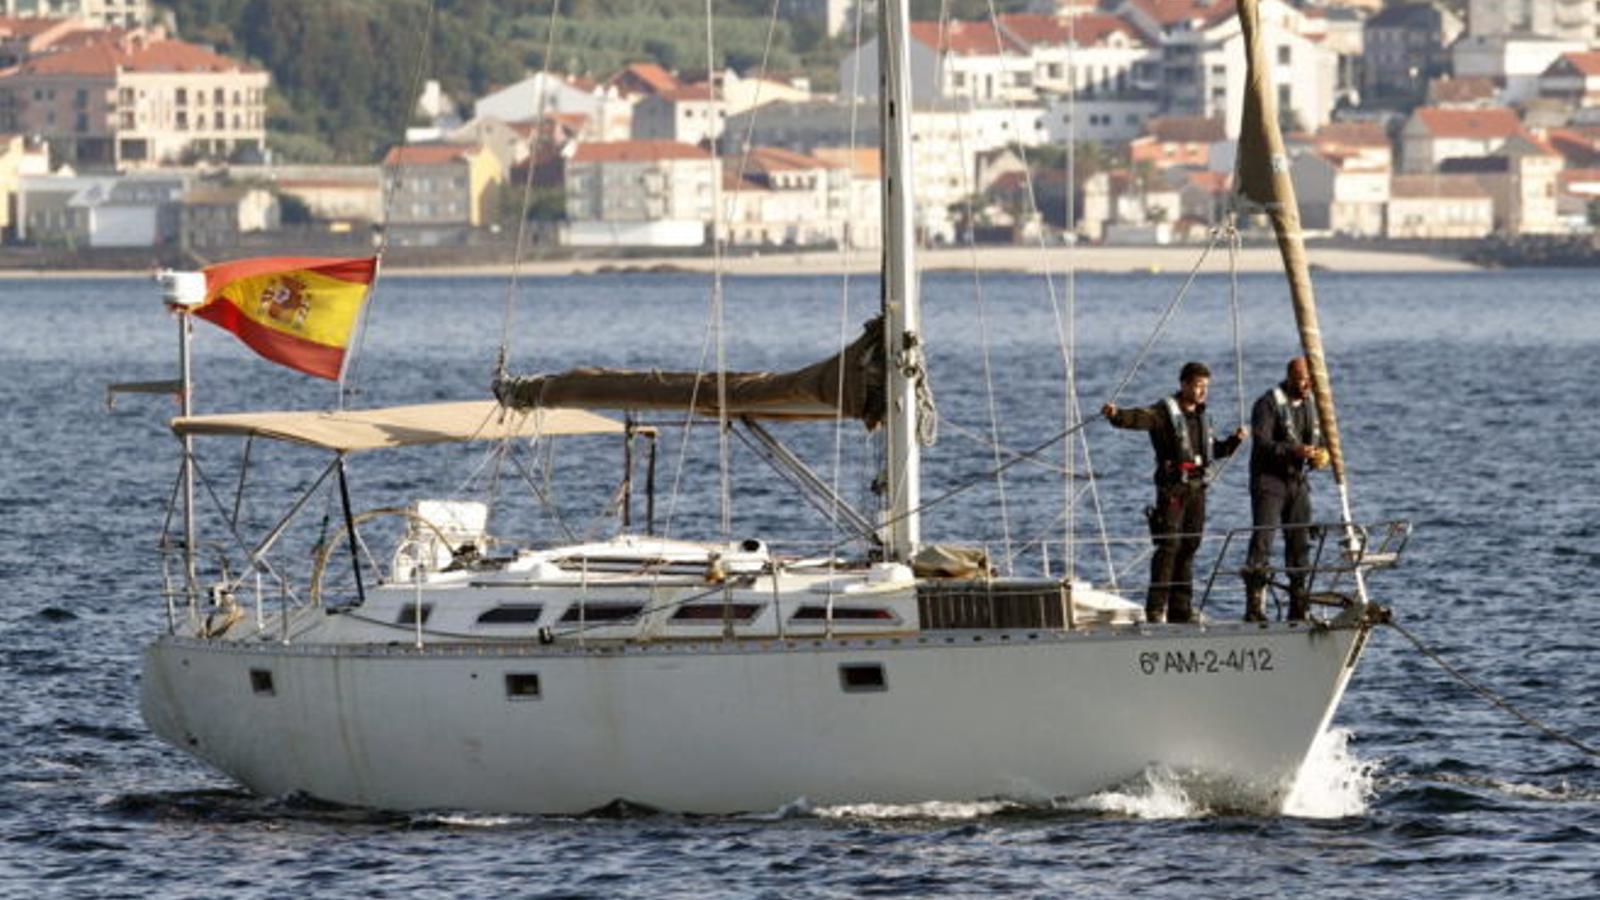 Mor un home a Platges de Comte després de llançar-se a l'aigua des d'un veler